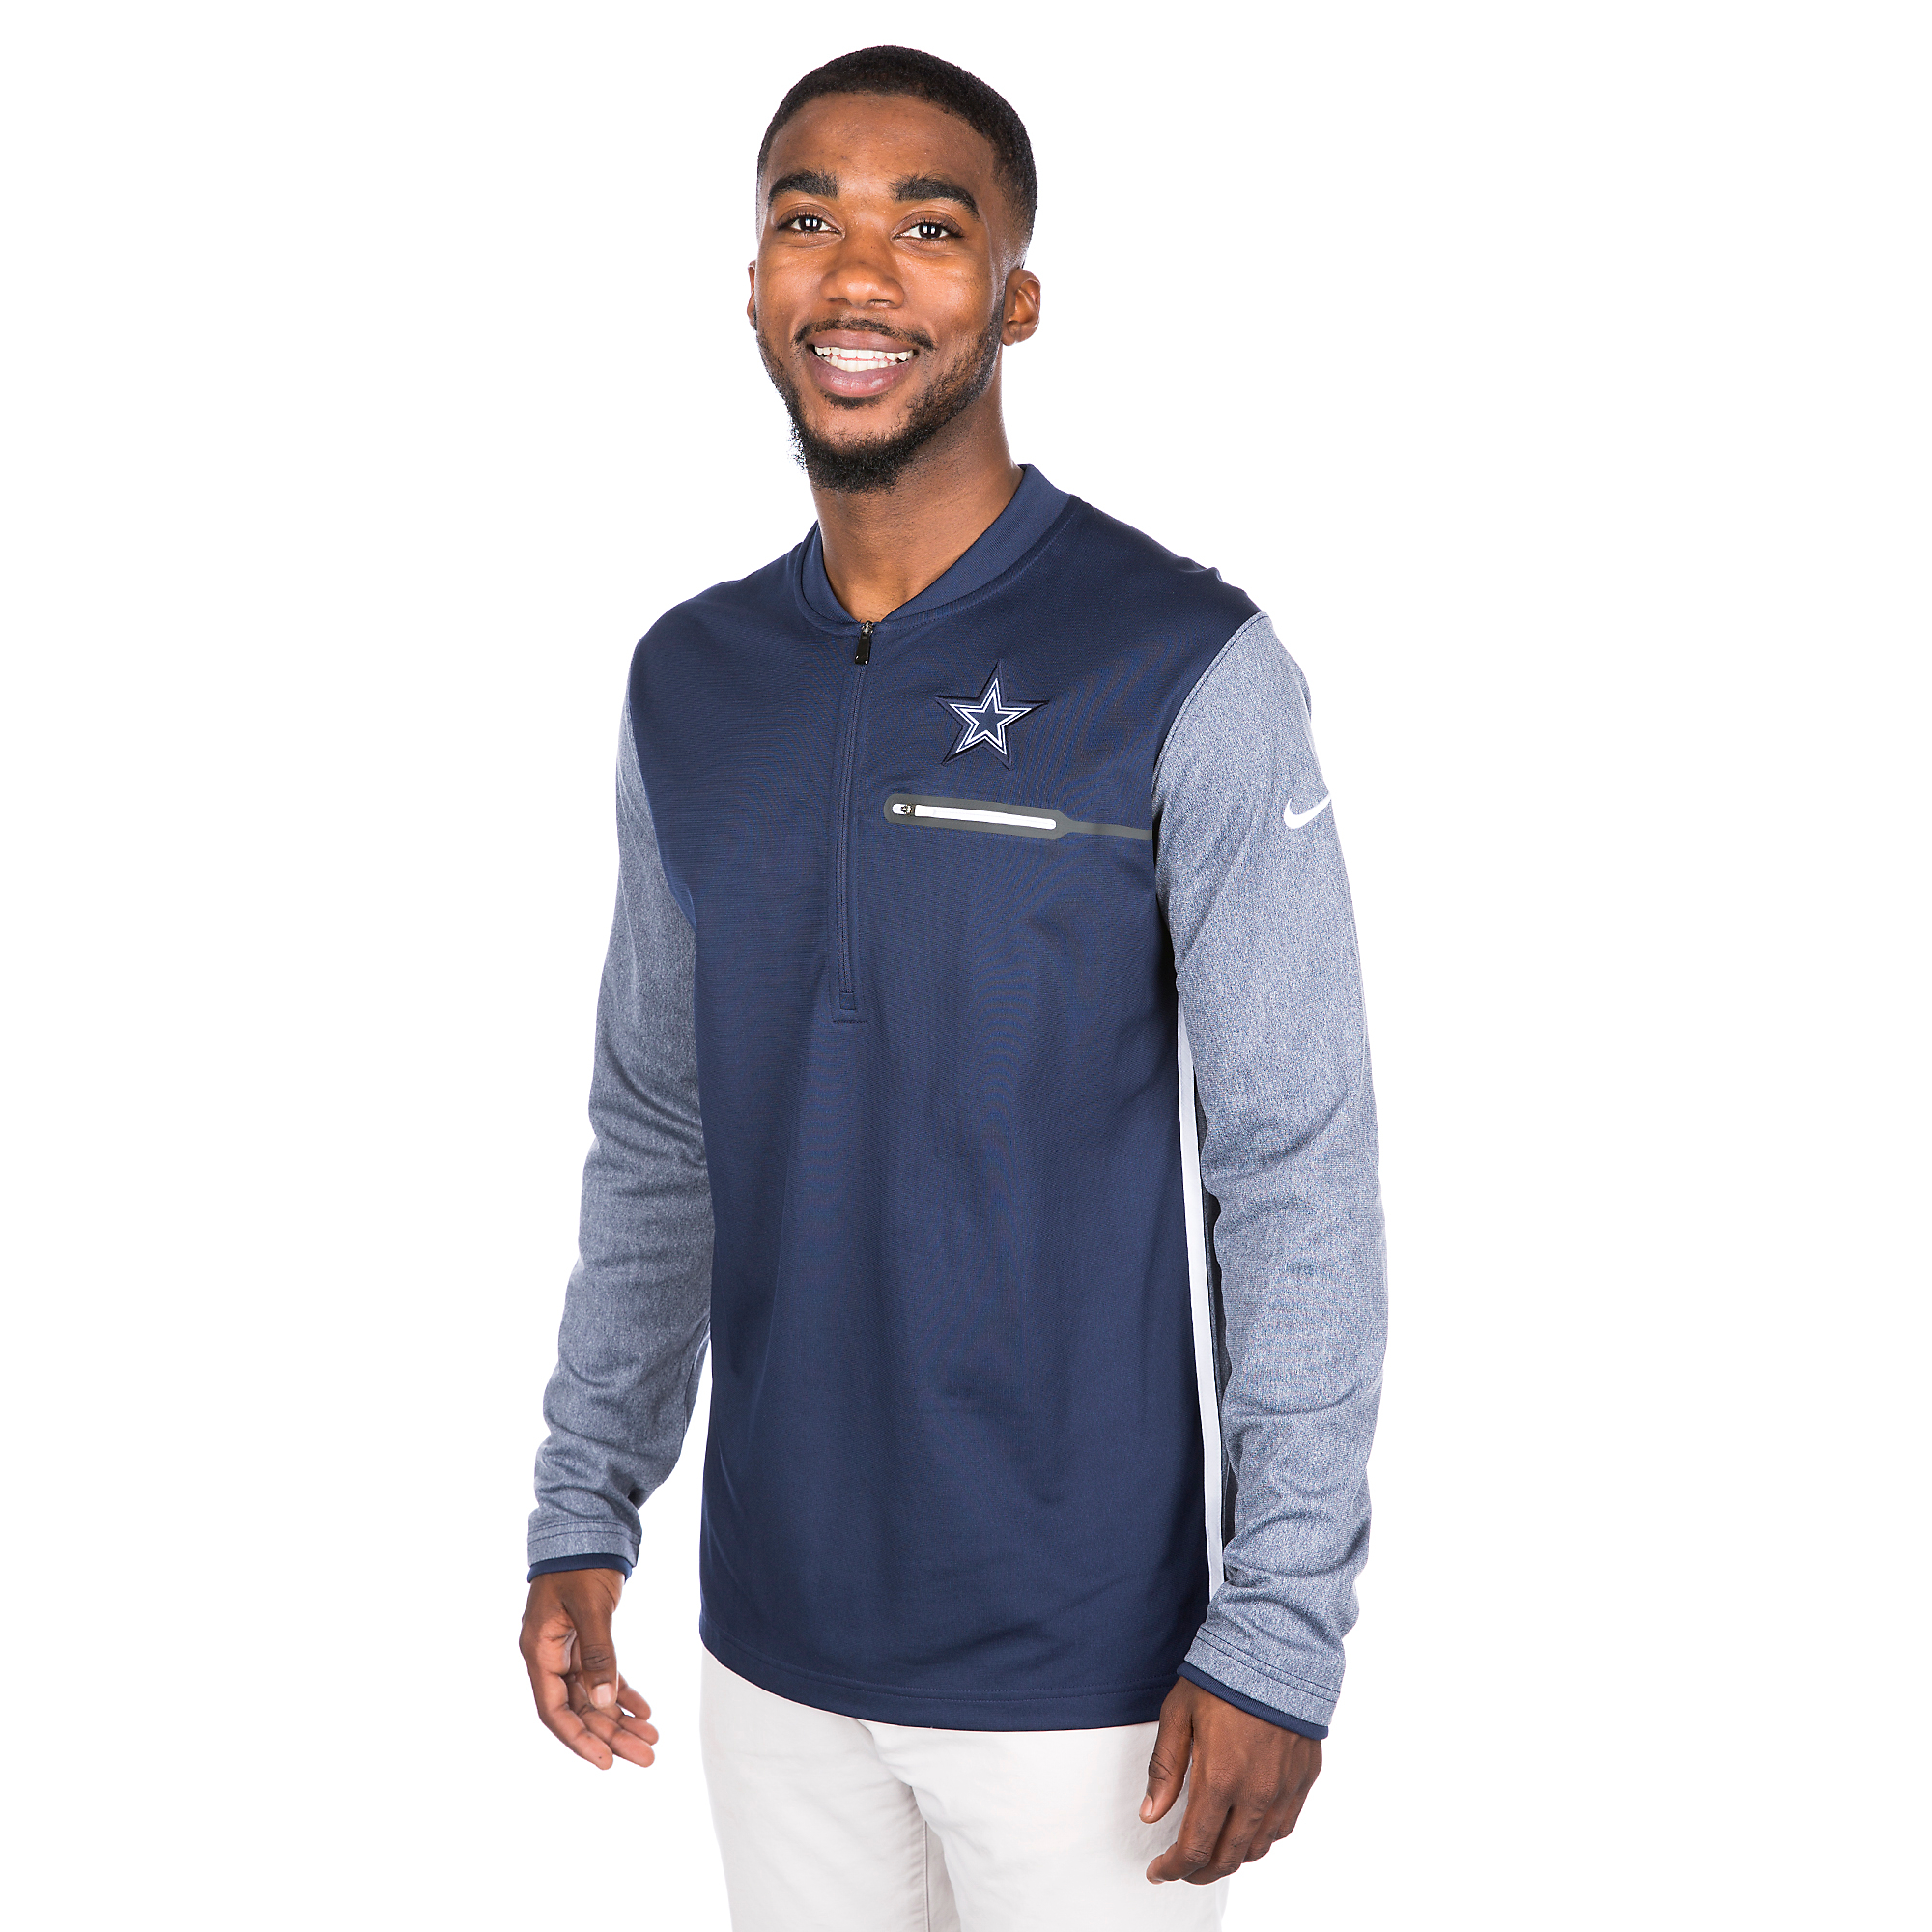 Dallas Cowboys Nike Coach Half-Zip Top